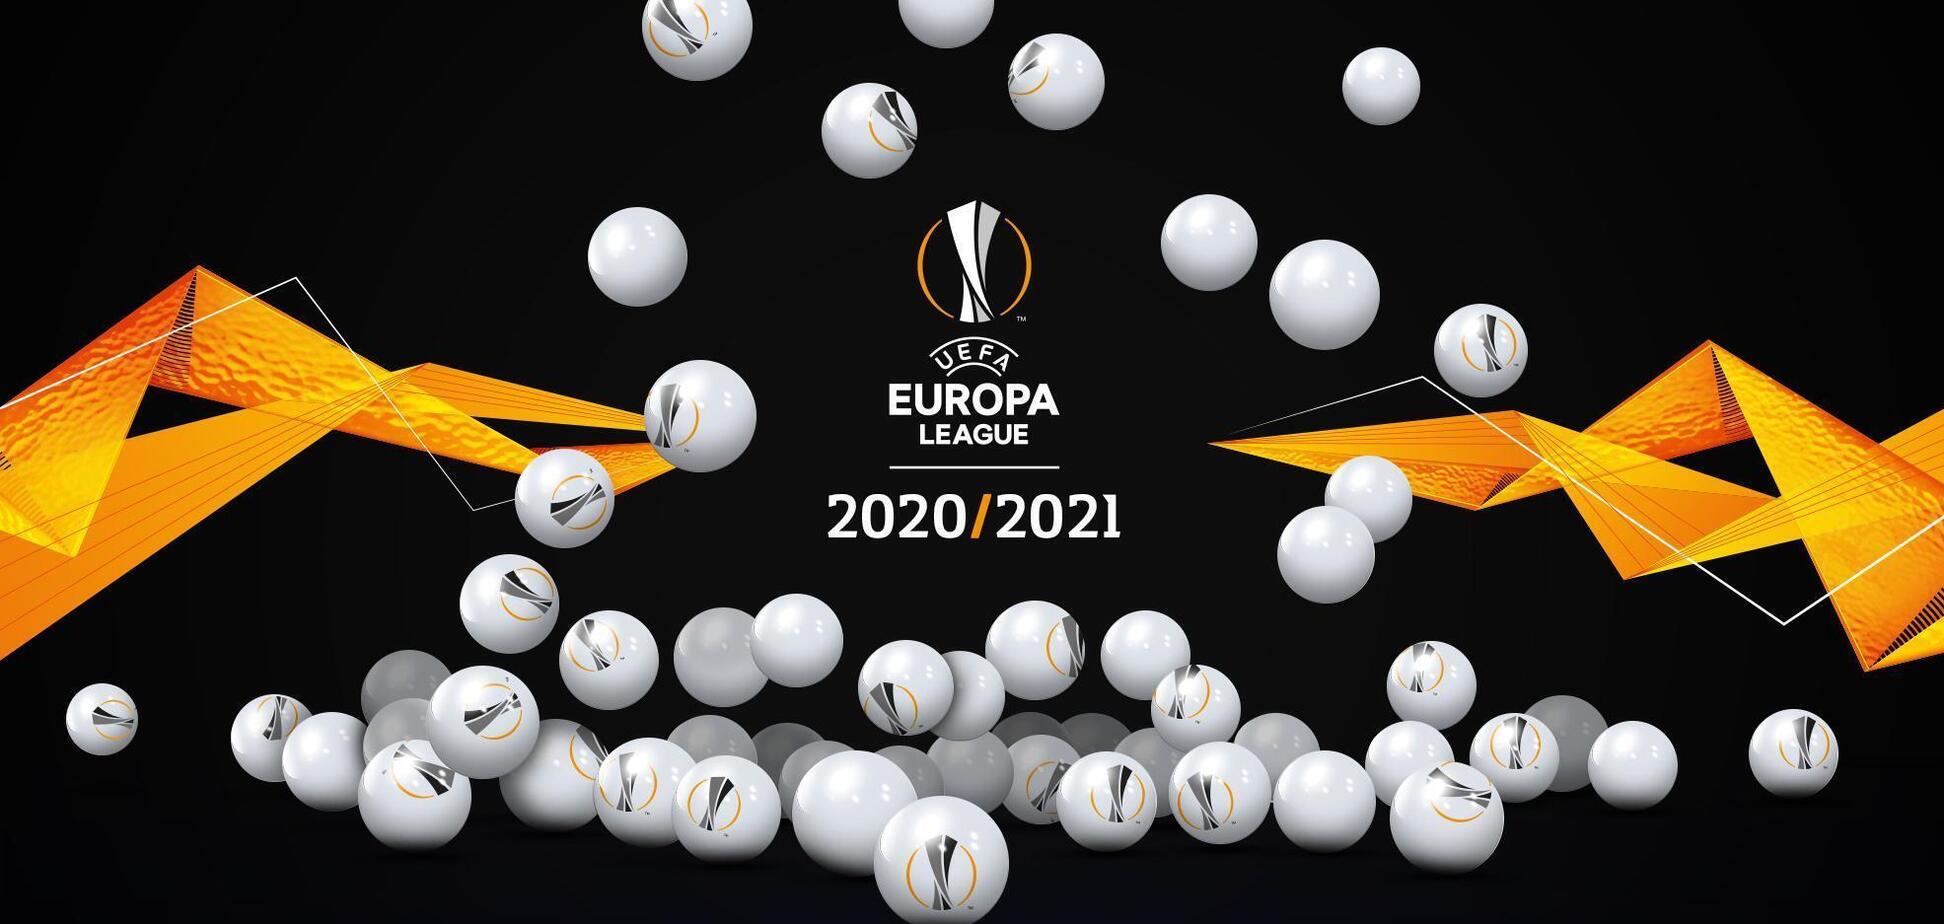 Жеребьевка ЛЕ 2020/21